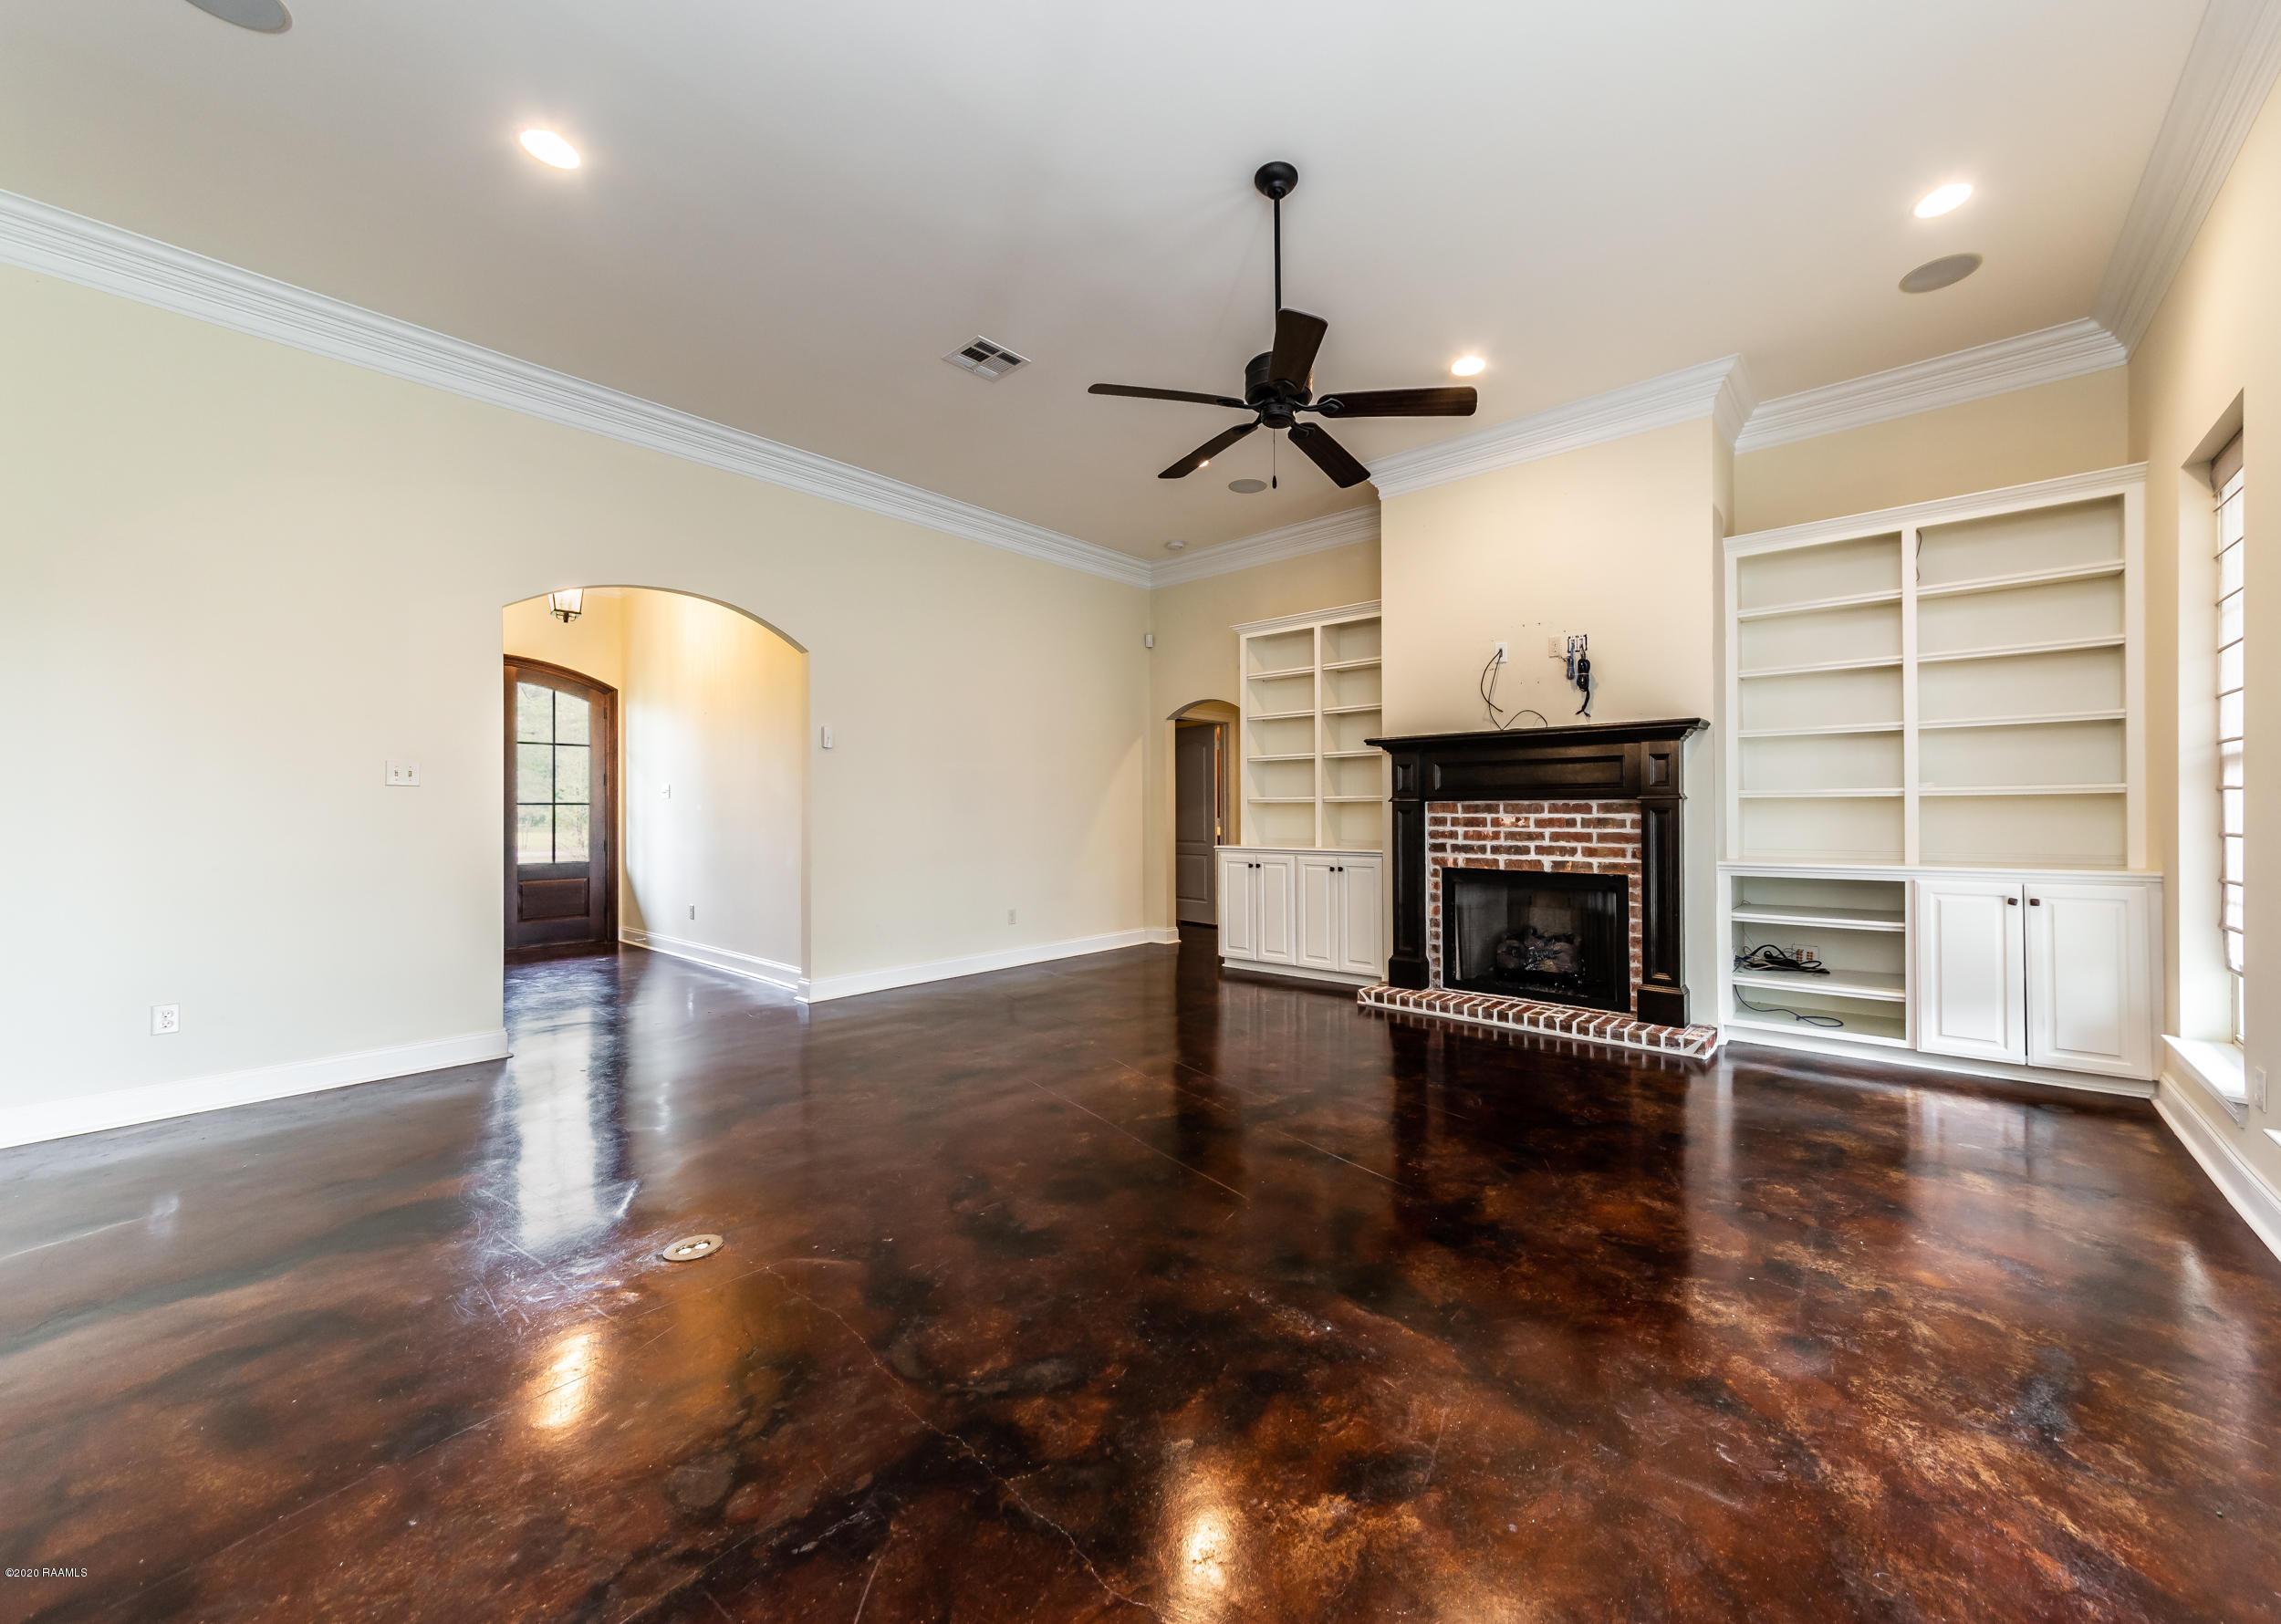 306 Homewood Drive, Lafayette, LA 70508 Photo #17